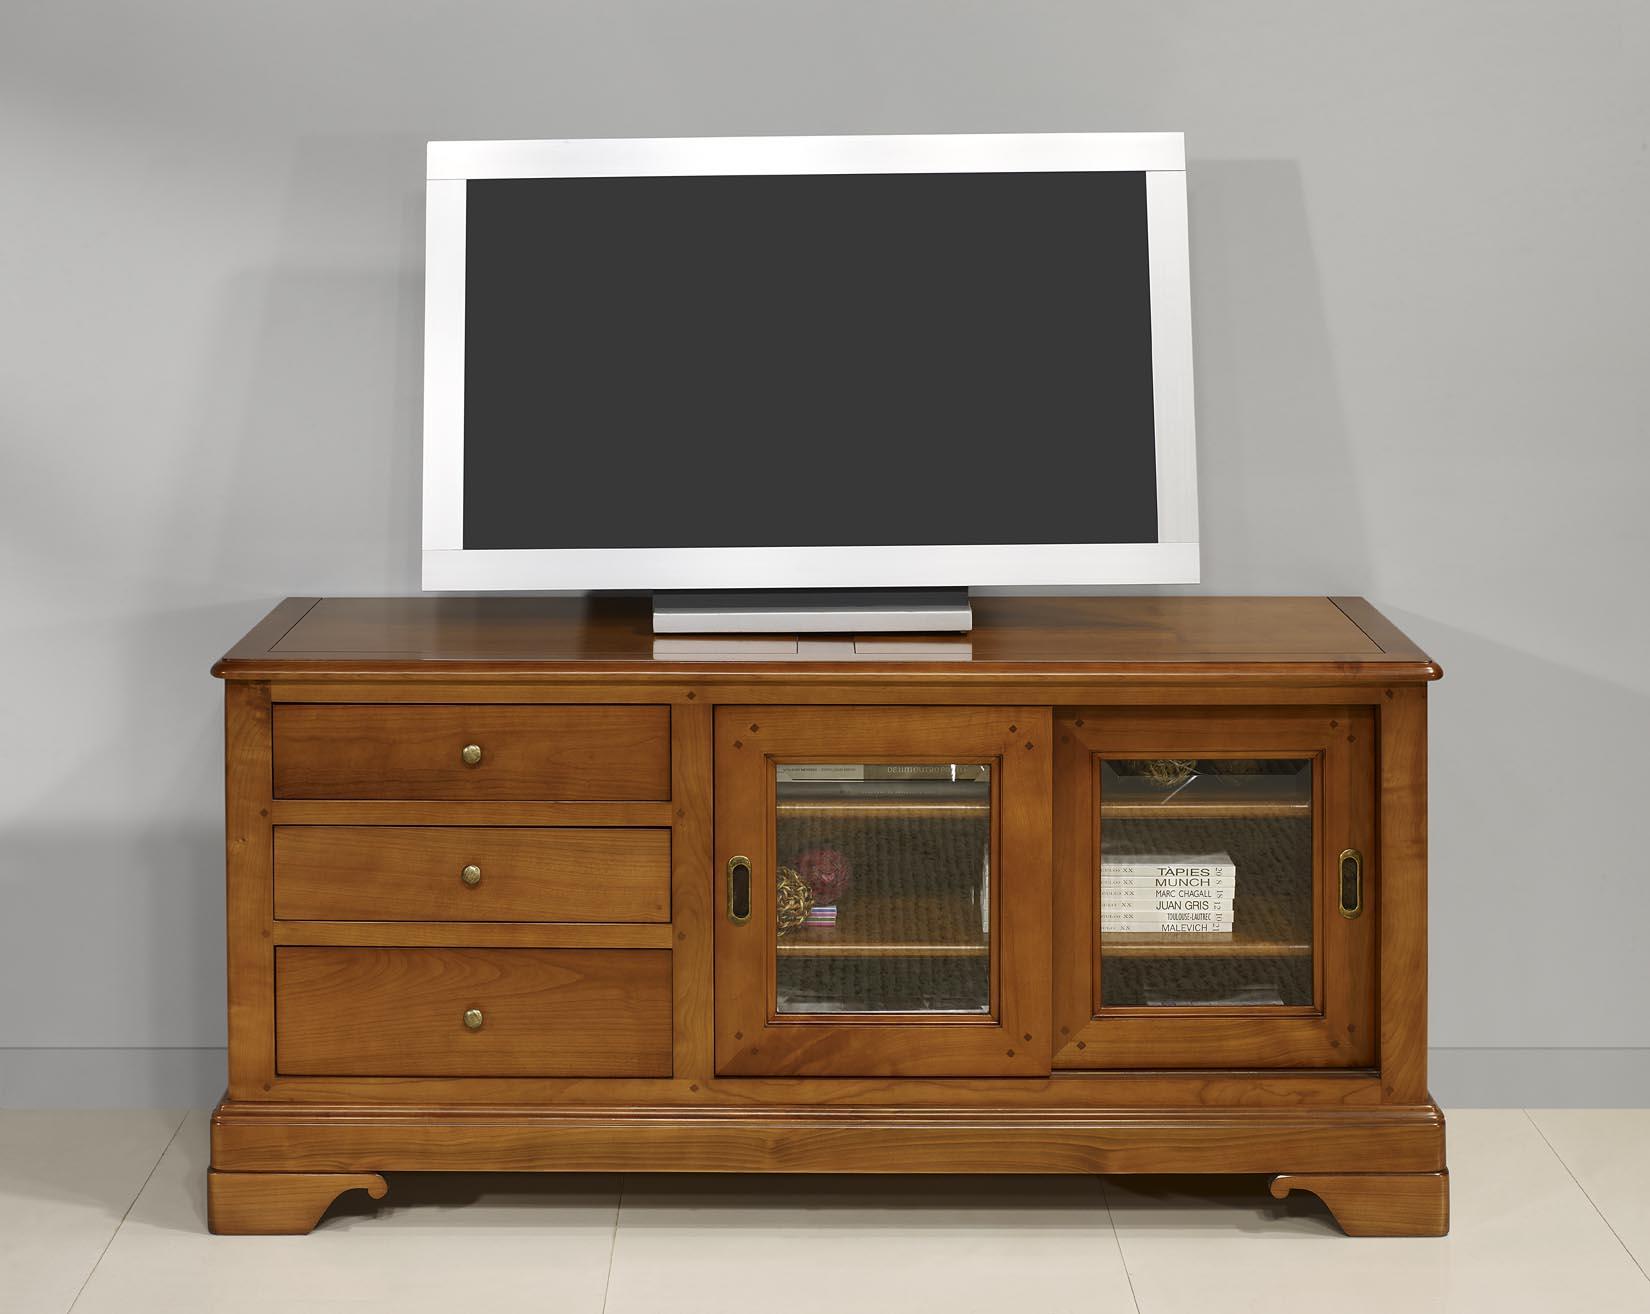 Meuble tv 16 9eme e en merisier massif de style louis philippe portes couliss - Meuble facilite de paiement ...